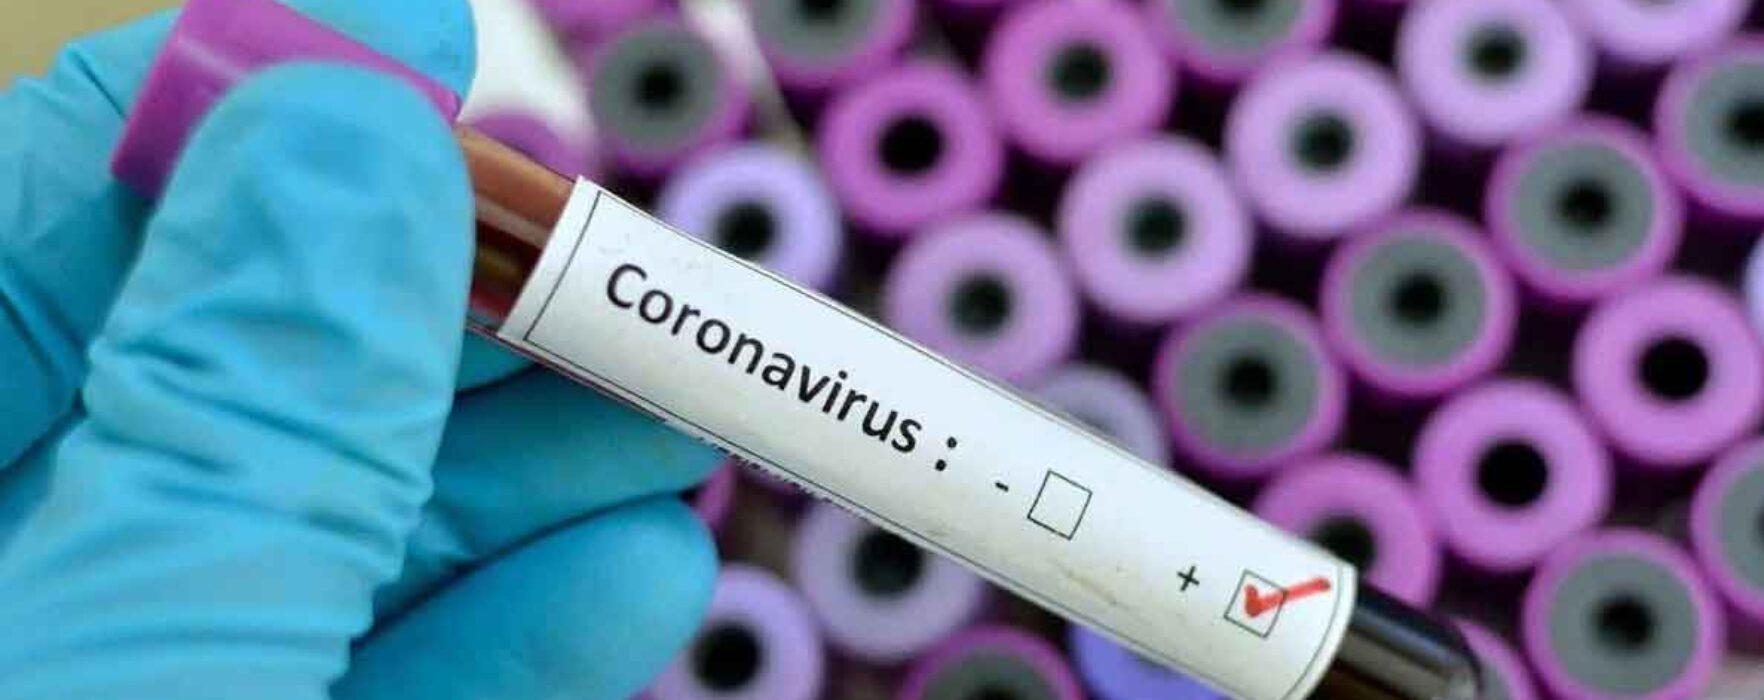 #coronavirus DSP Dâmboviţa: 95 persoane izolate la domiciliu, nimeni în carantină